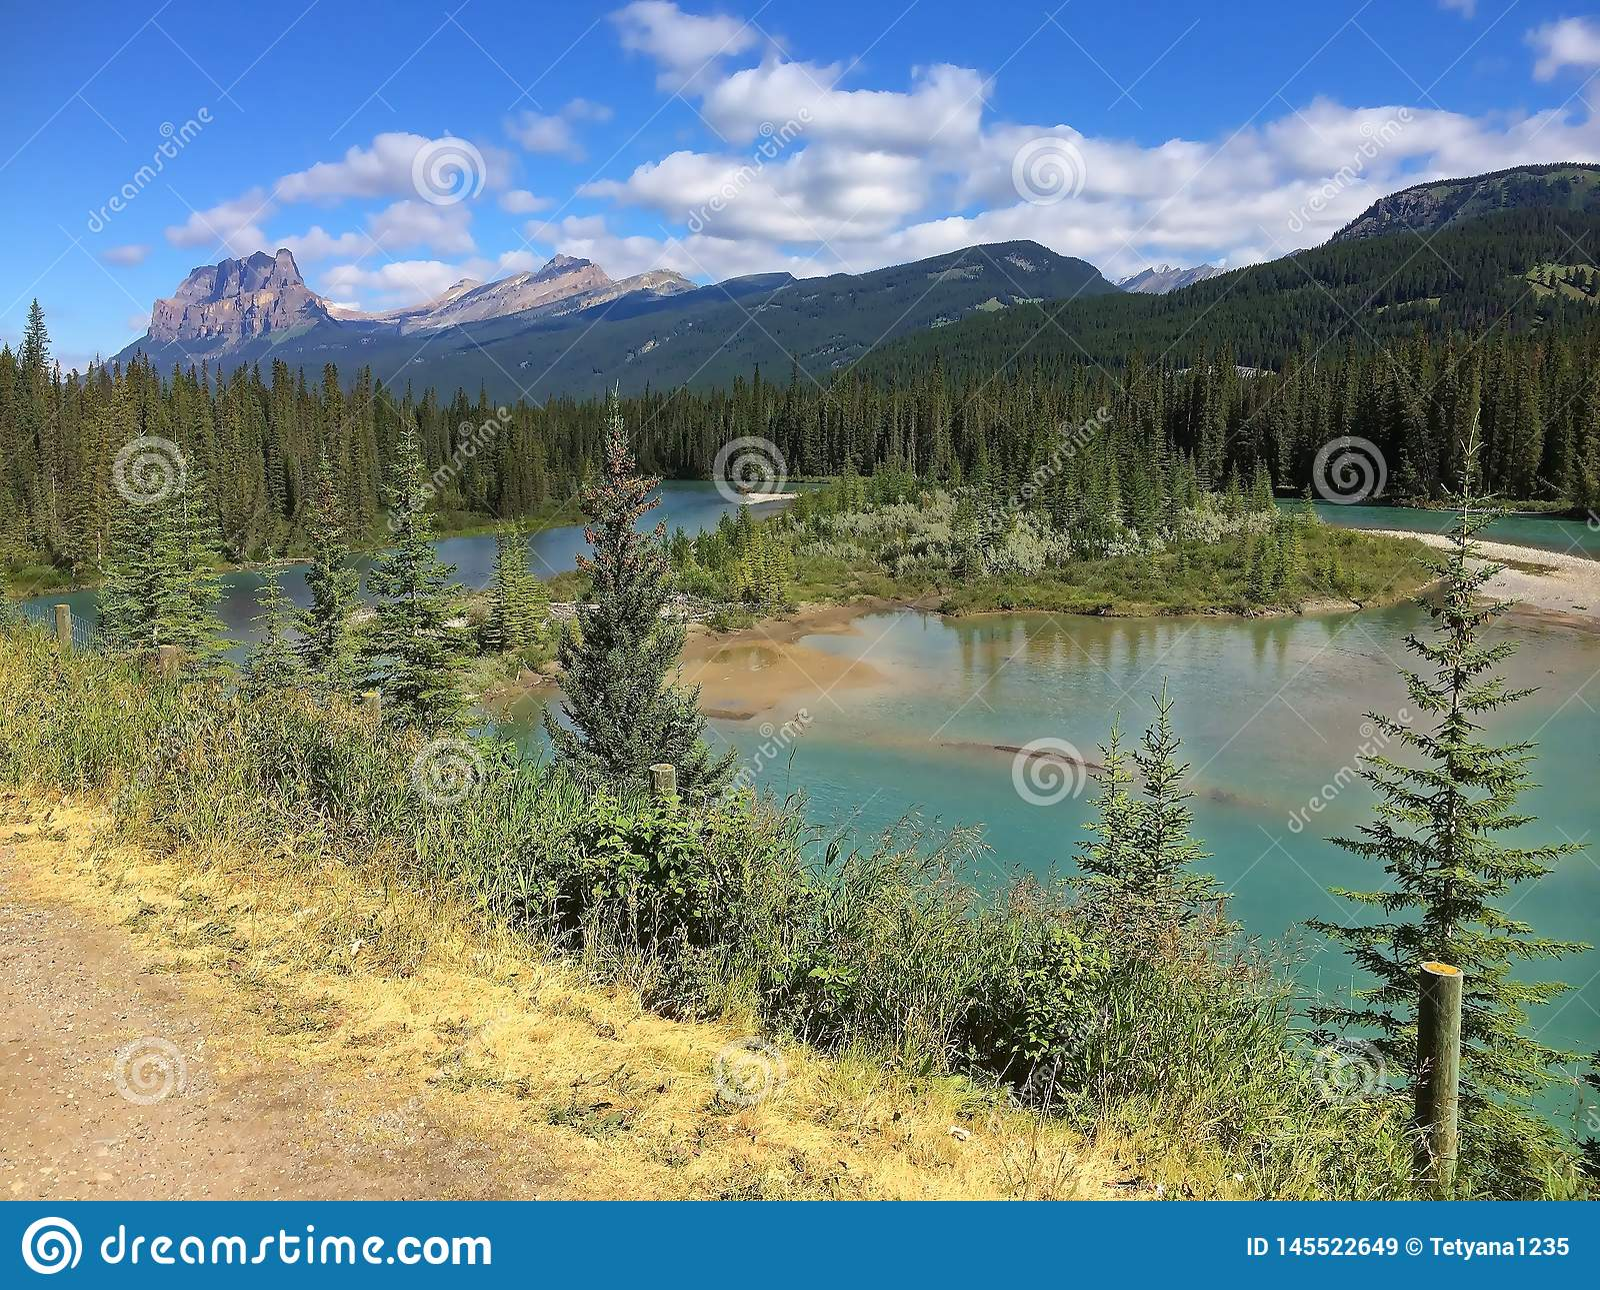 Канадские скалистые горы - захватывающий вид на озеро